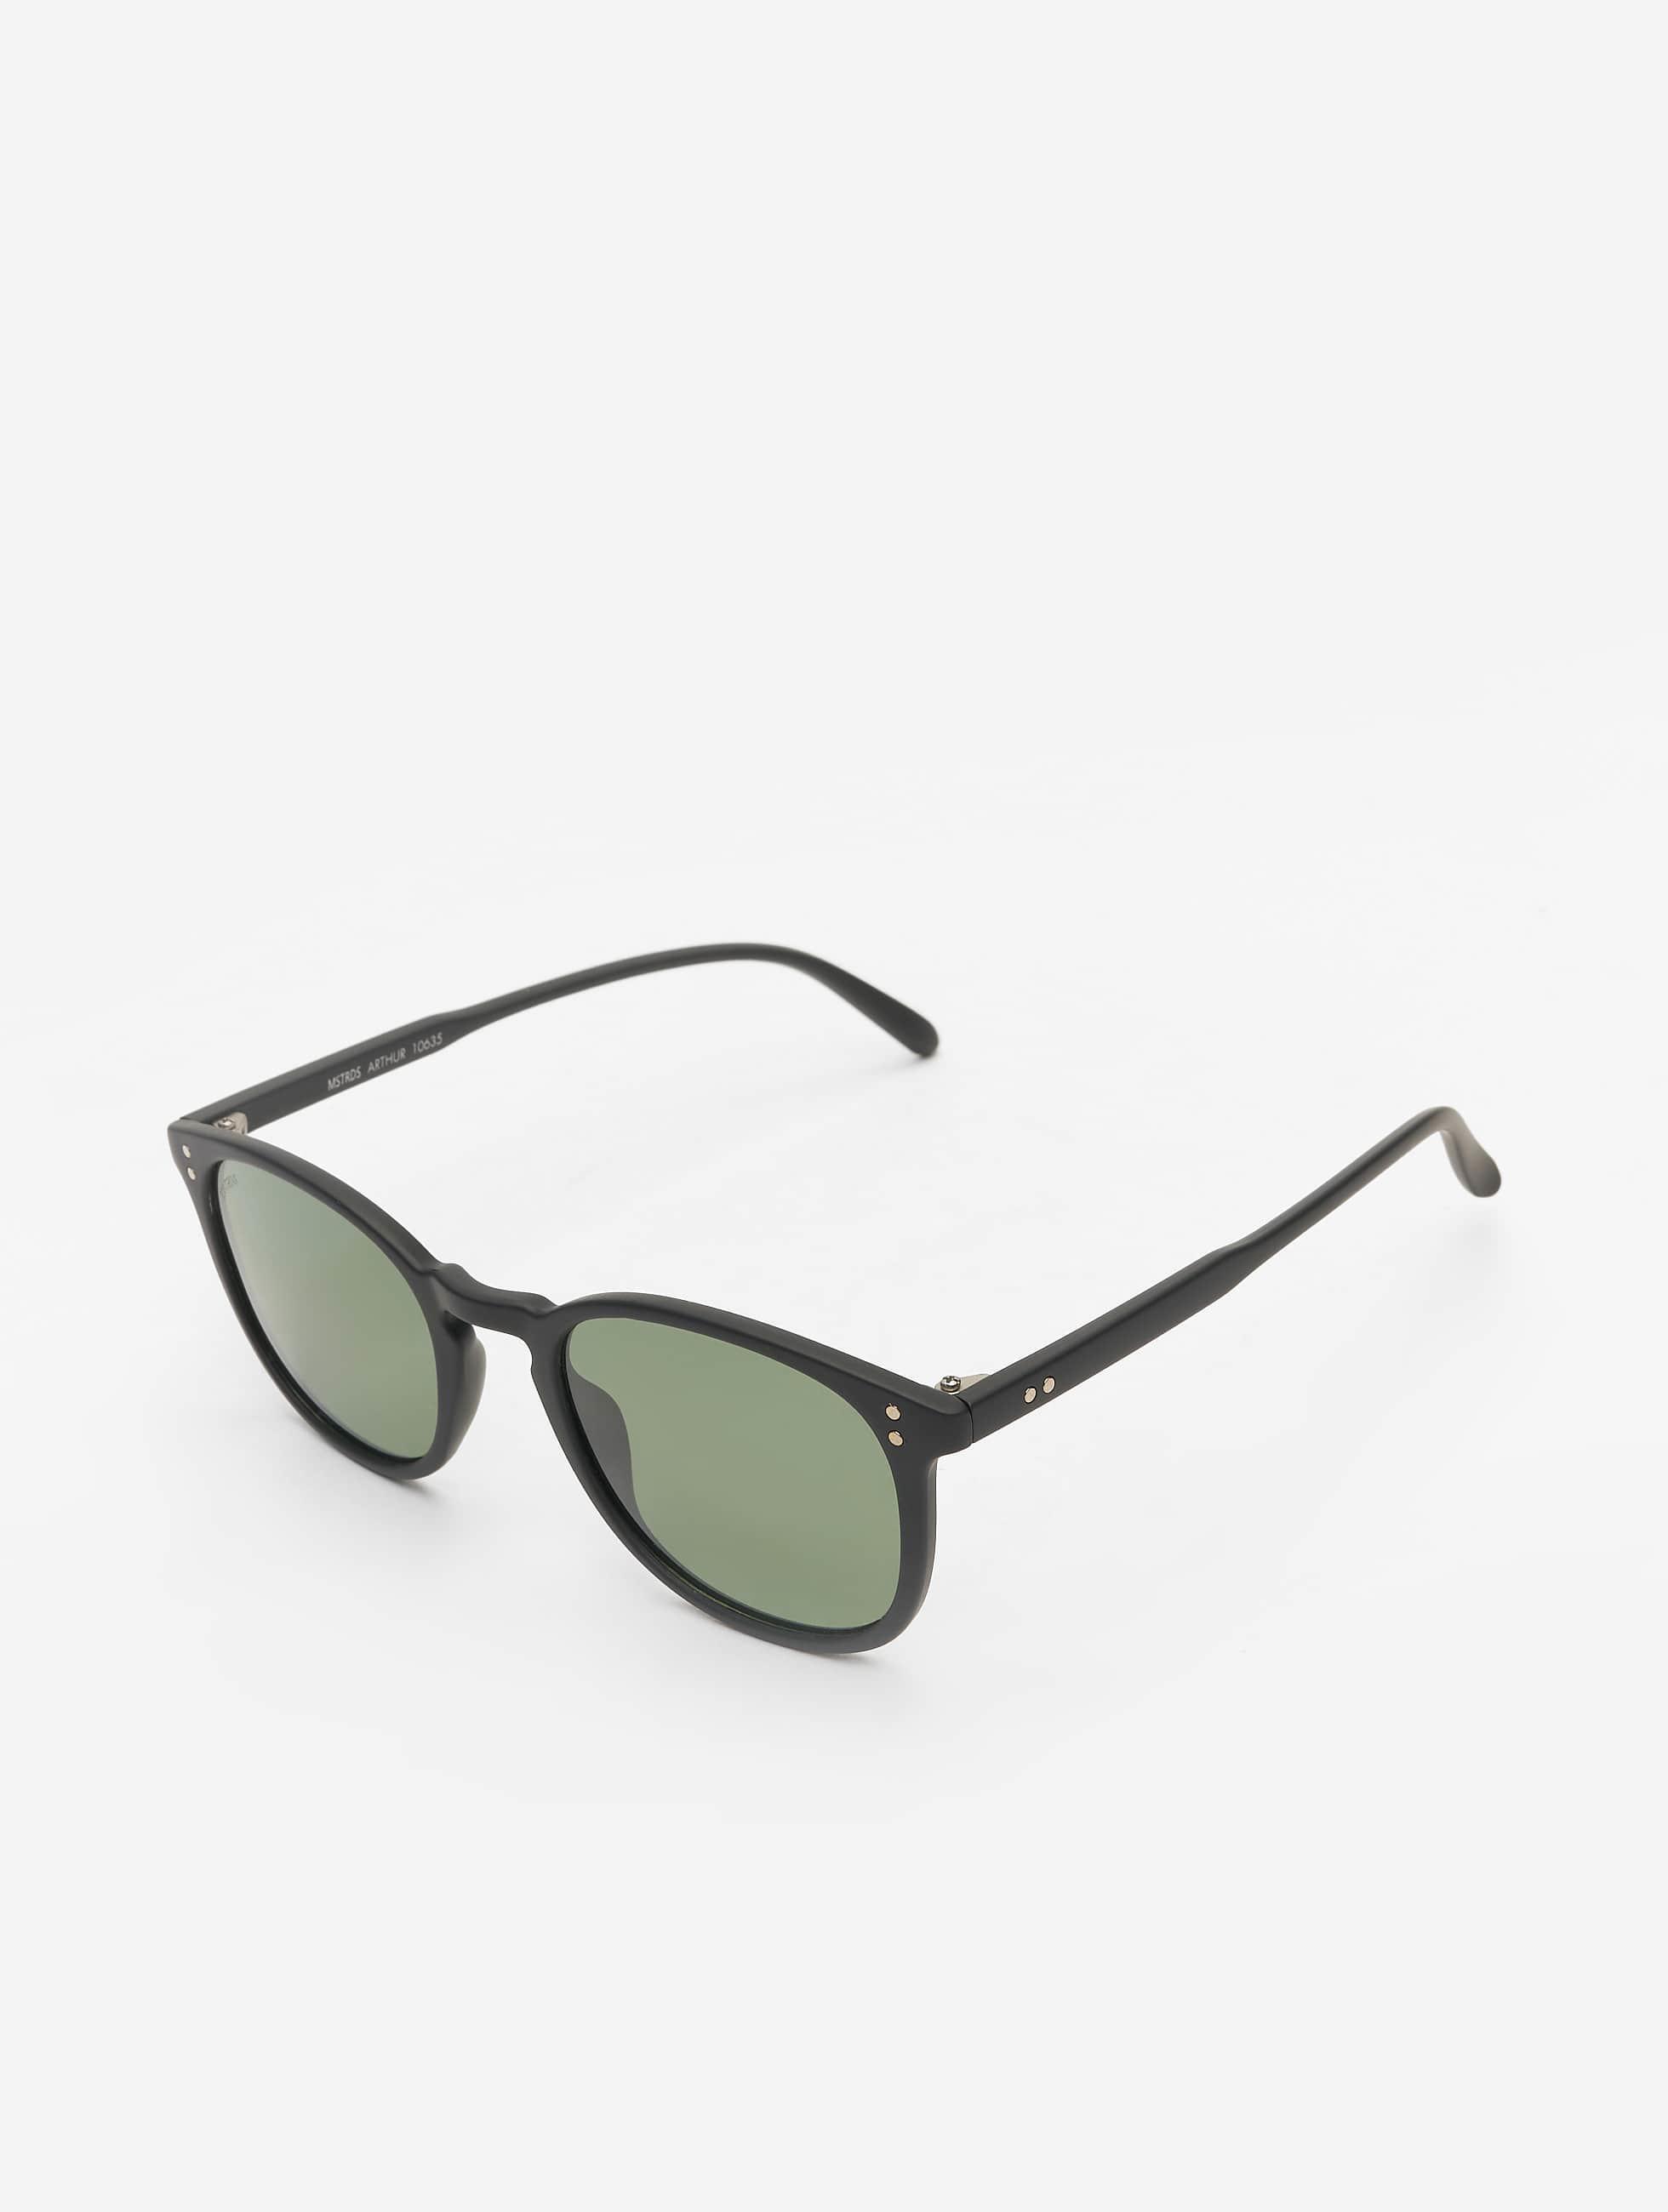 MSTRDS Lunettes de soleil Arthur Polarized Mirror noir